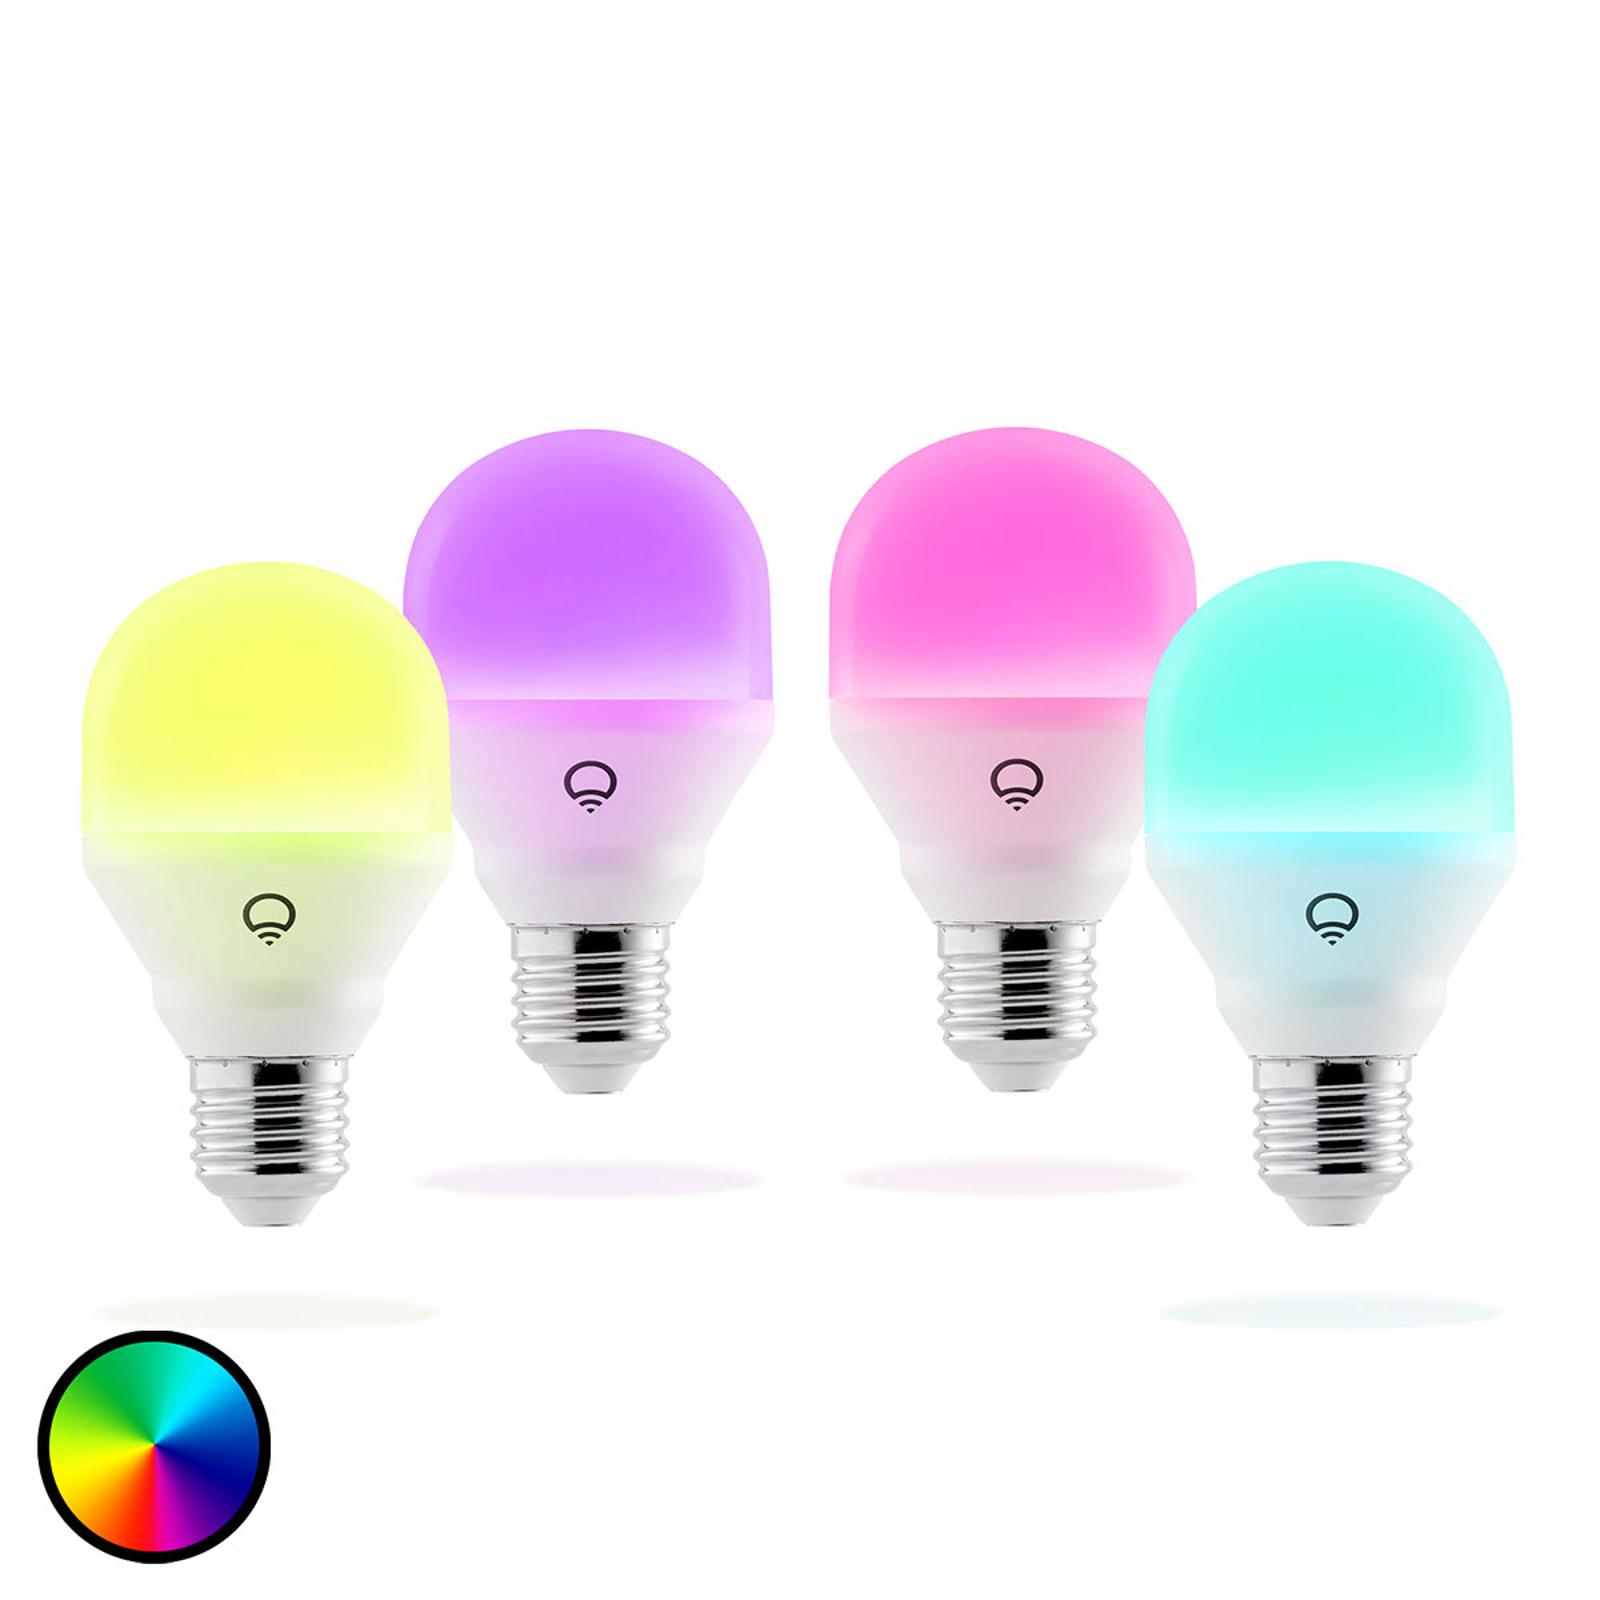 LIFX Mini Color lampadina LED E27 9W, set da 4